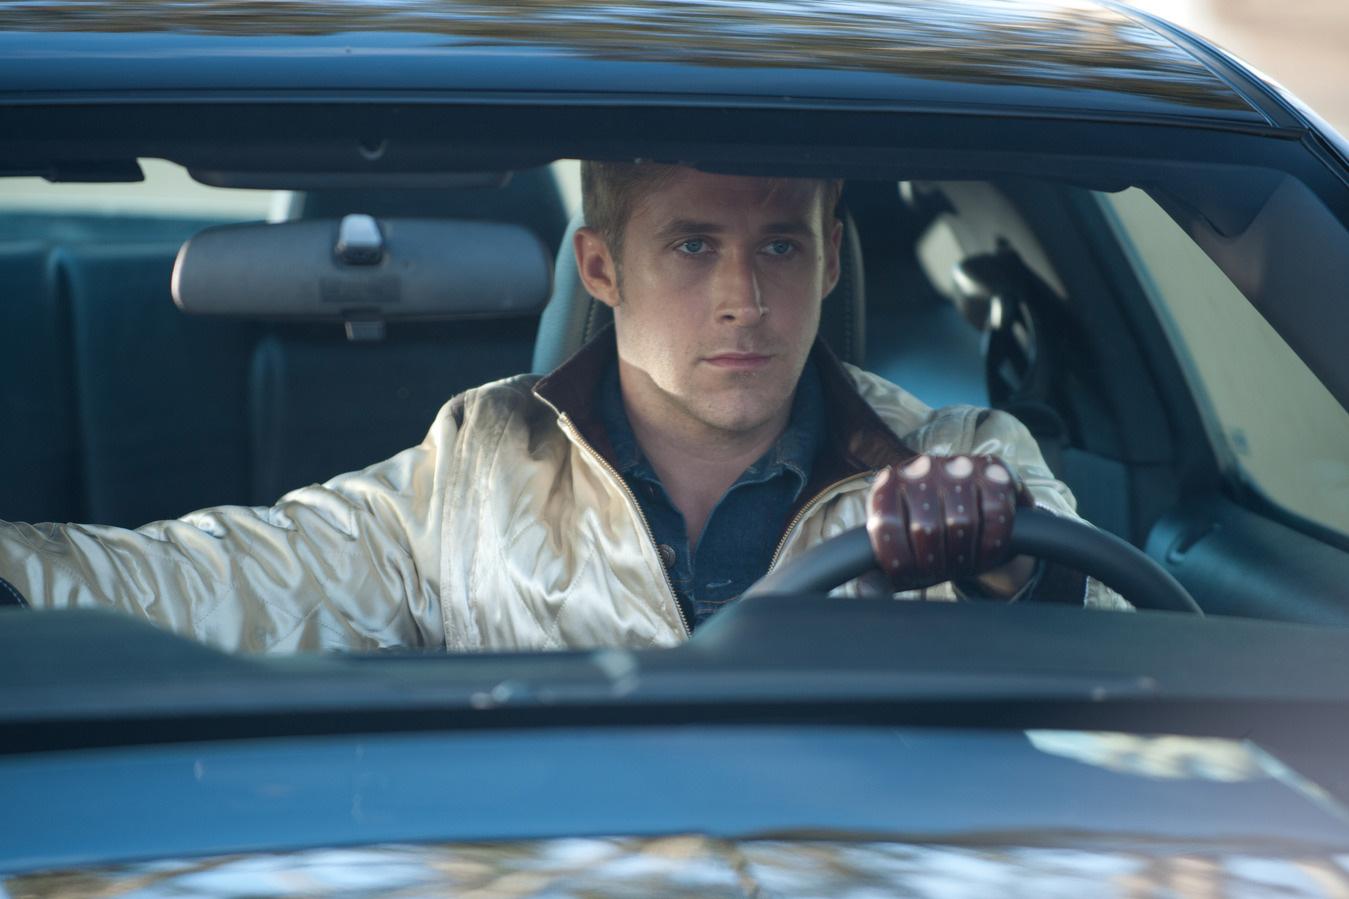 Gants cuir homme : ceux qui les adorent pour la conduite.